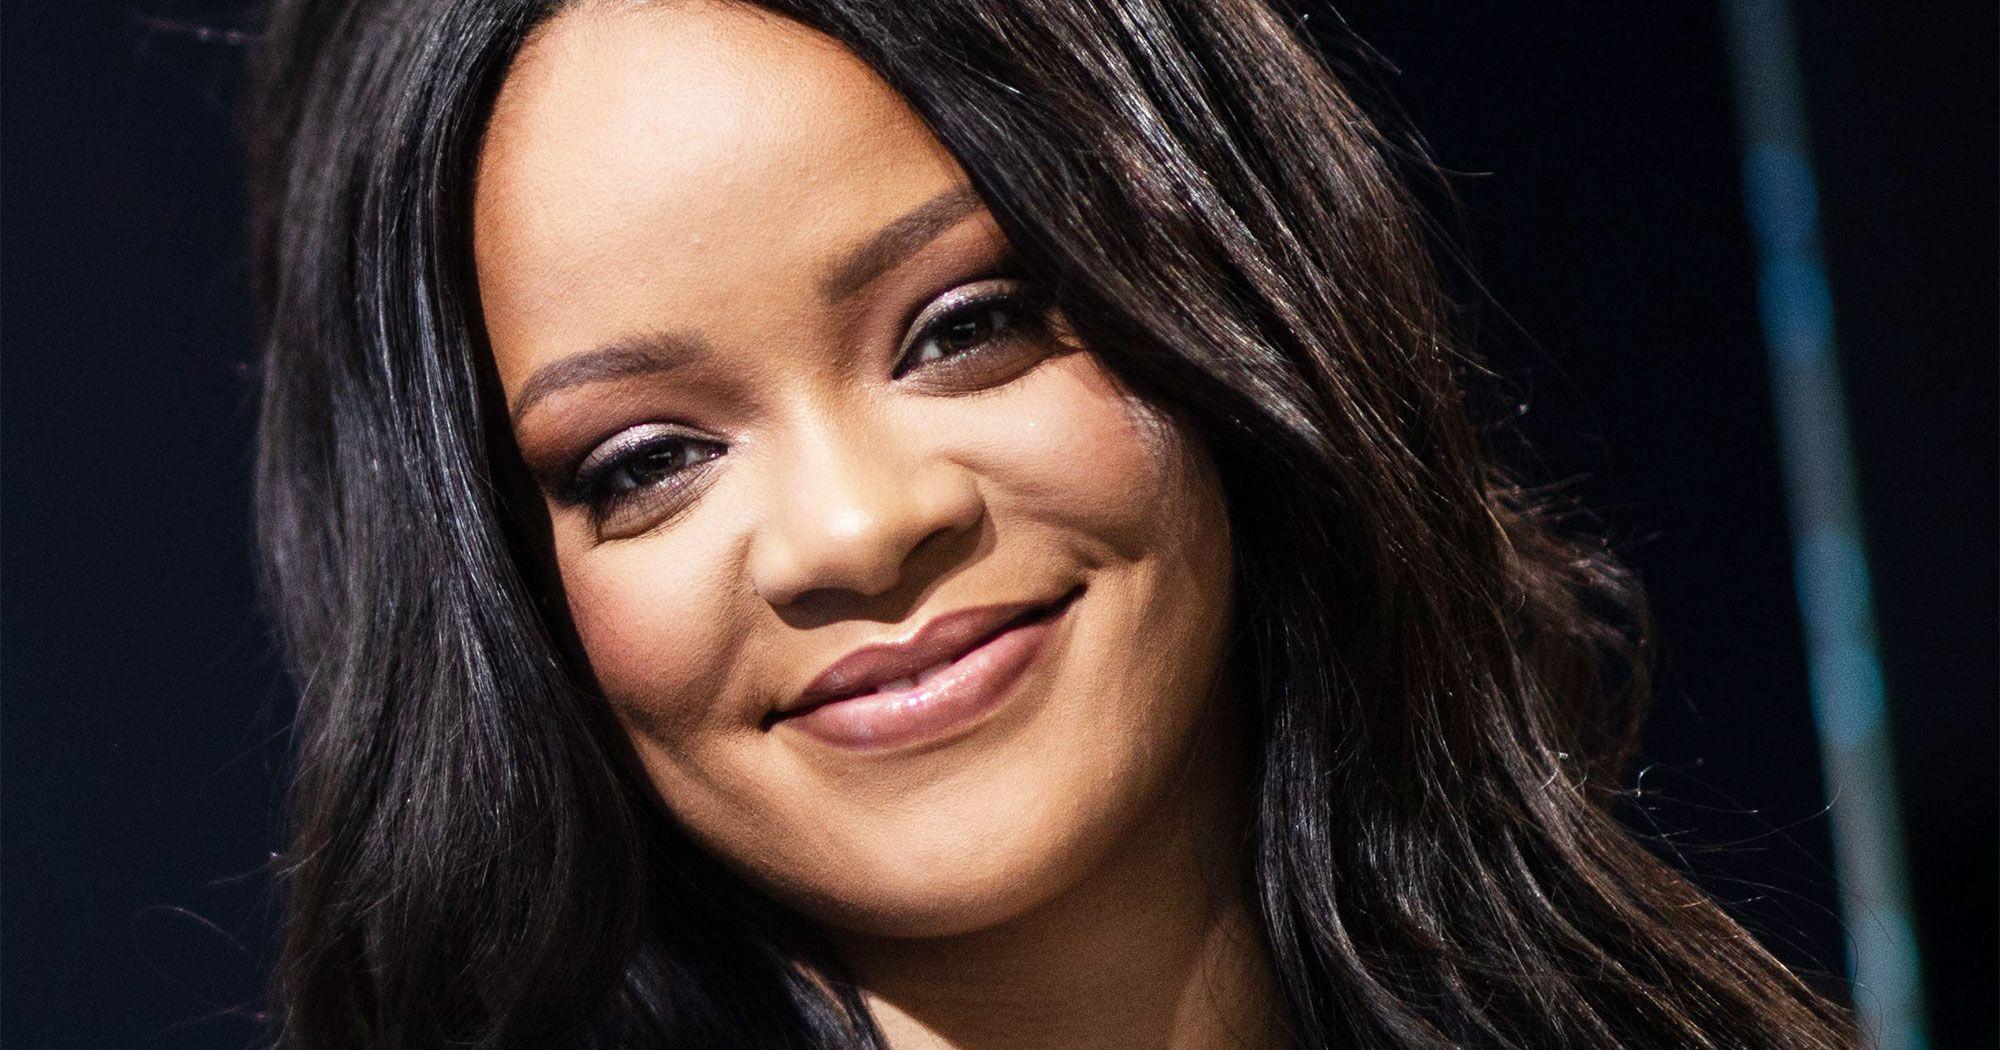 Rihanna fala sobre seus planos de ser mãe (Foto: Reprodução)